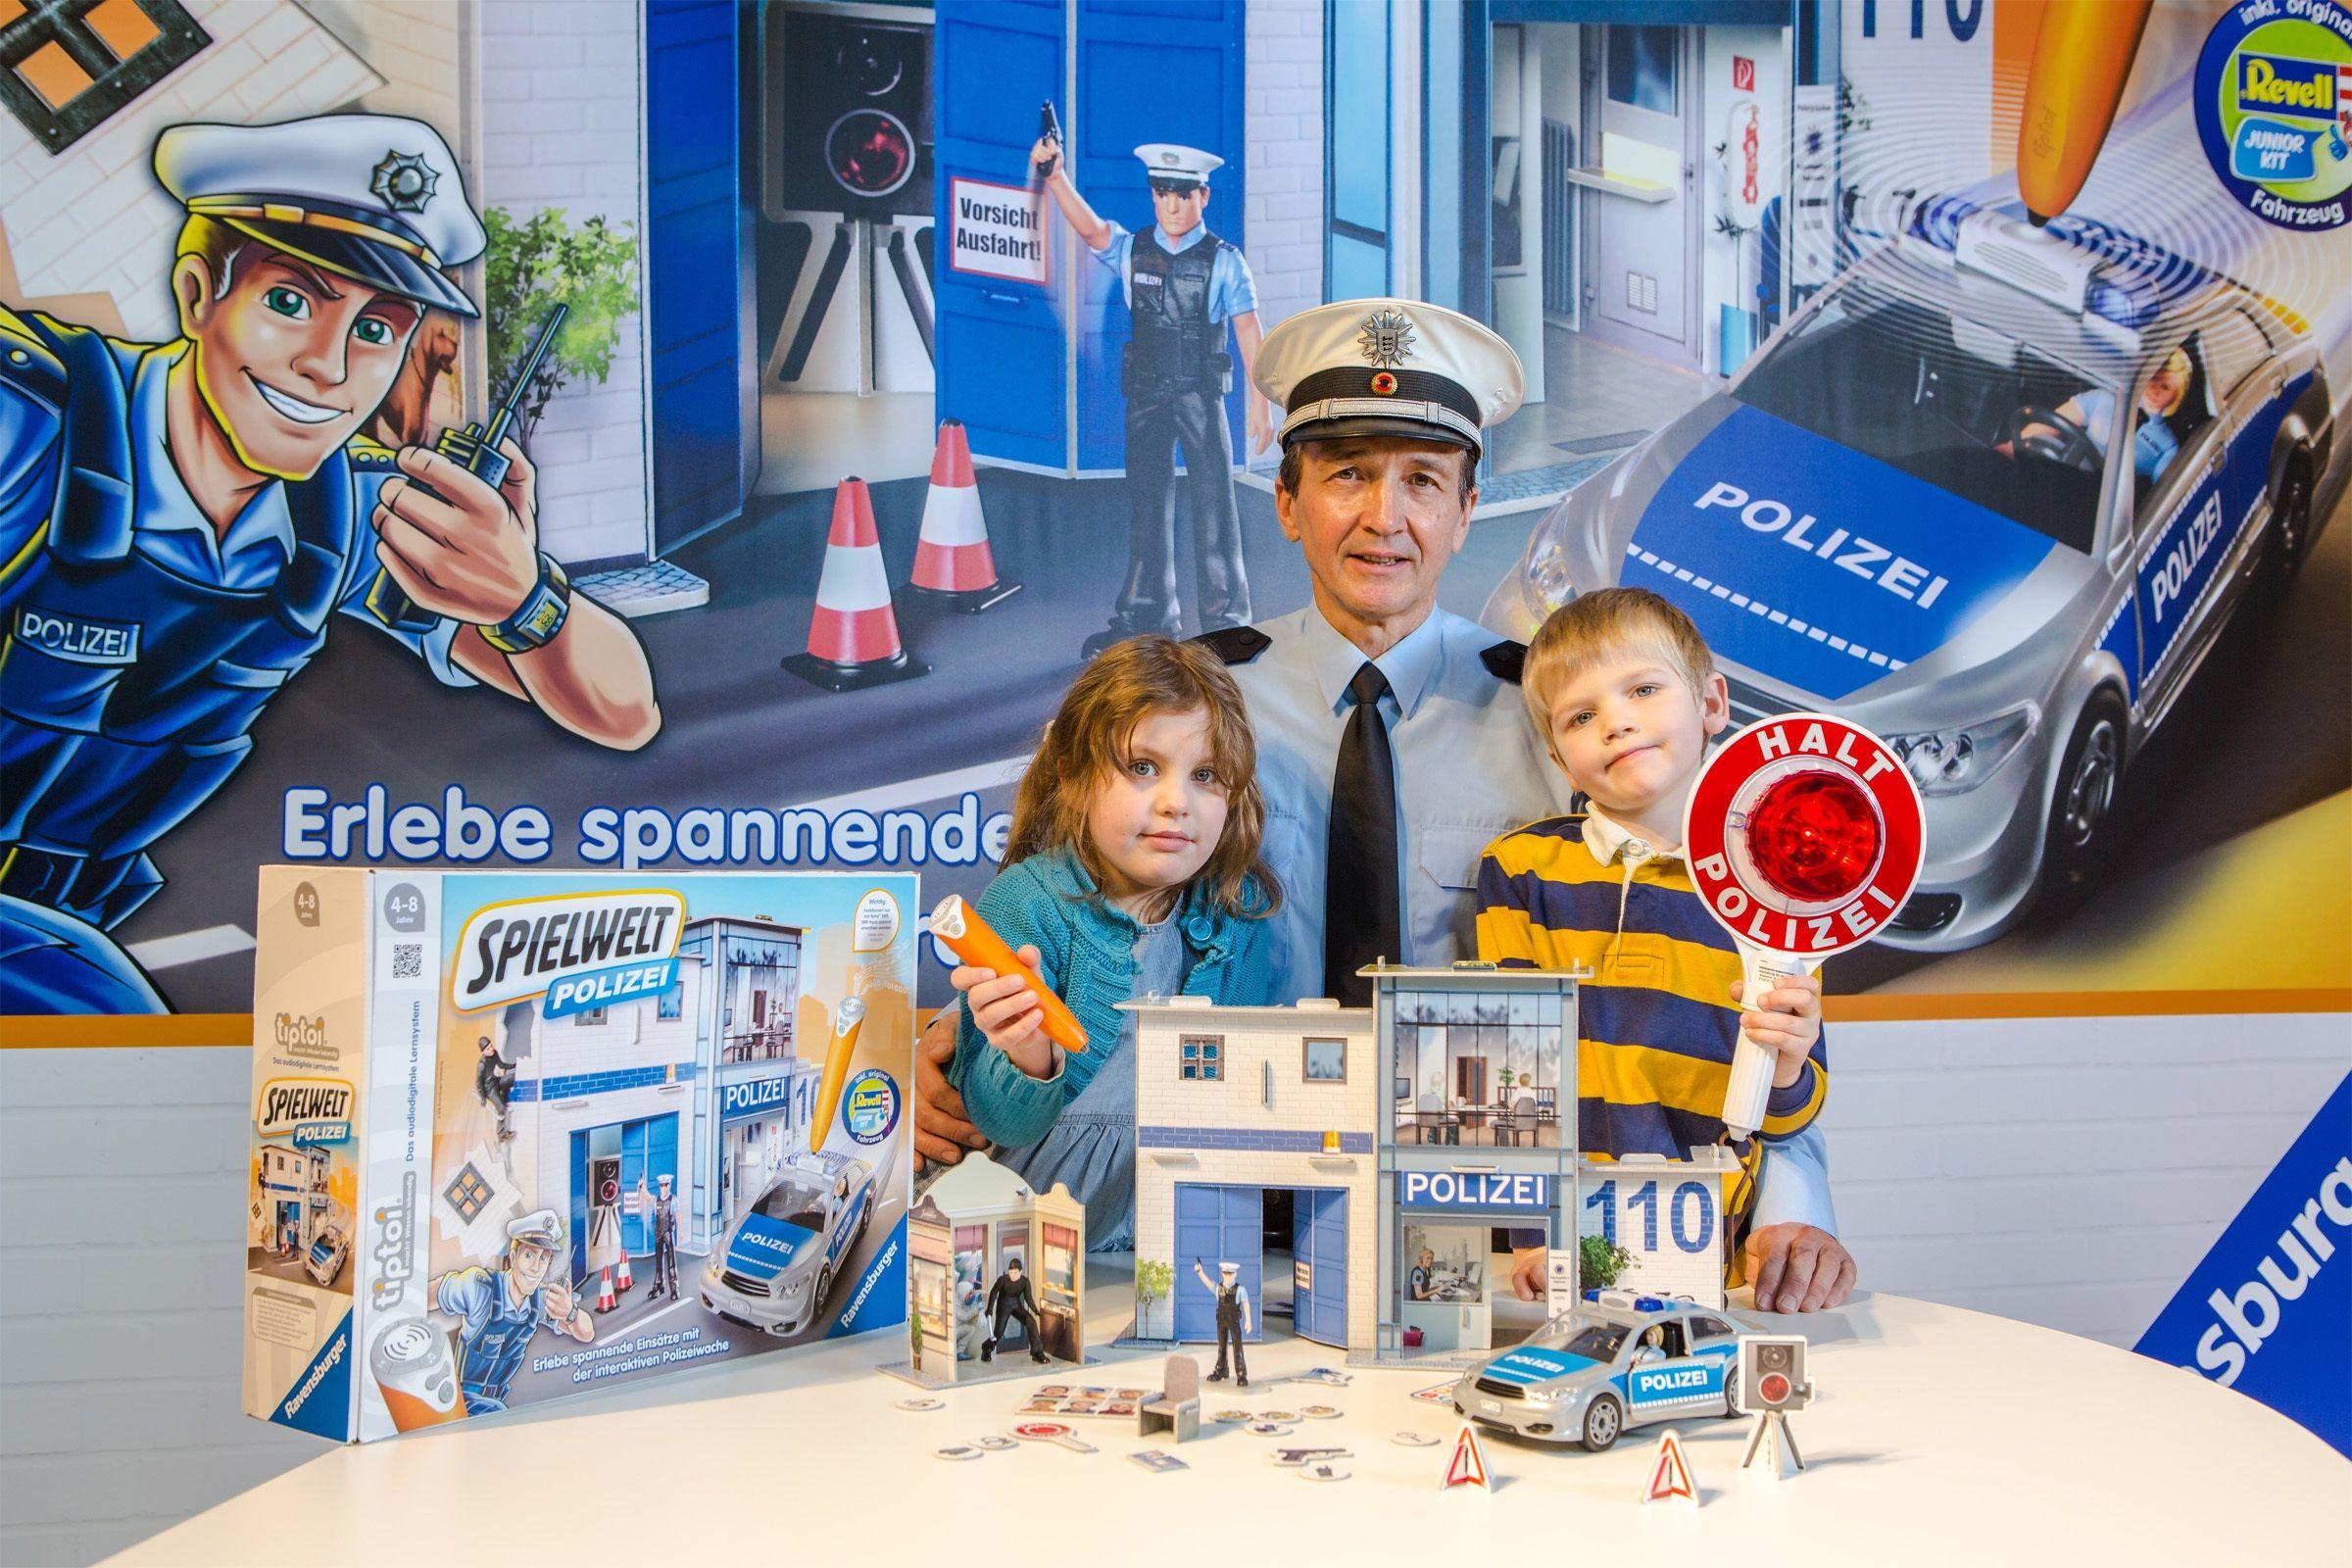 tiptoi Spielwelt von Ravensburger wird an der Spielwarenmesse 2016 präsentiert